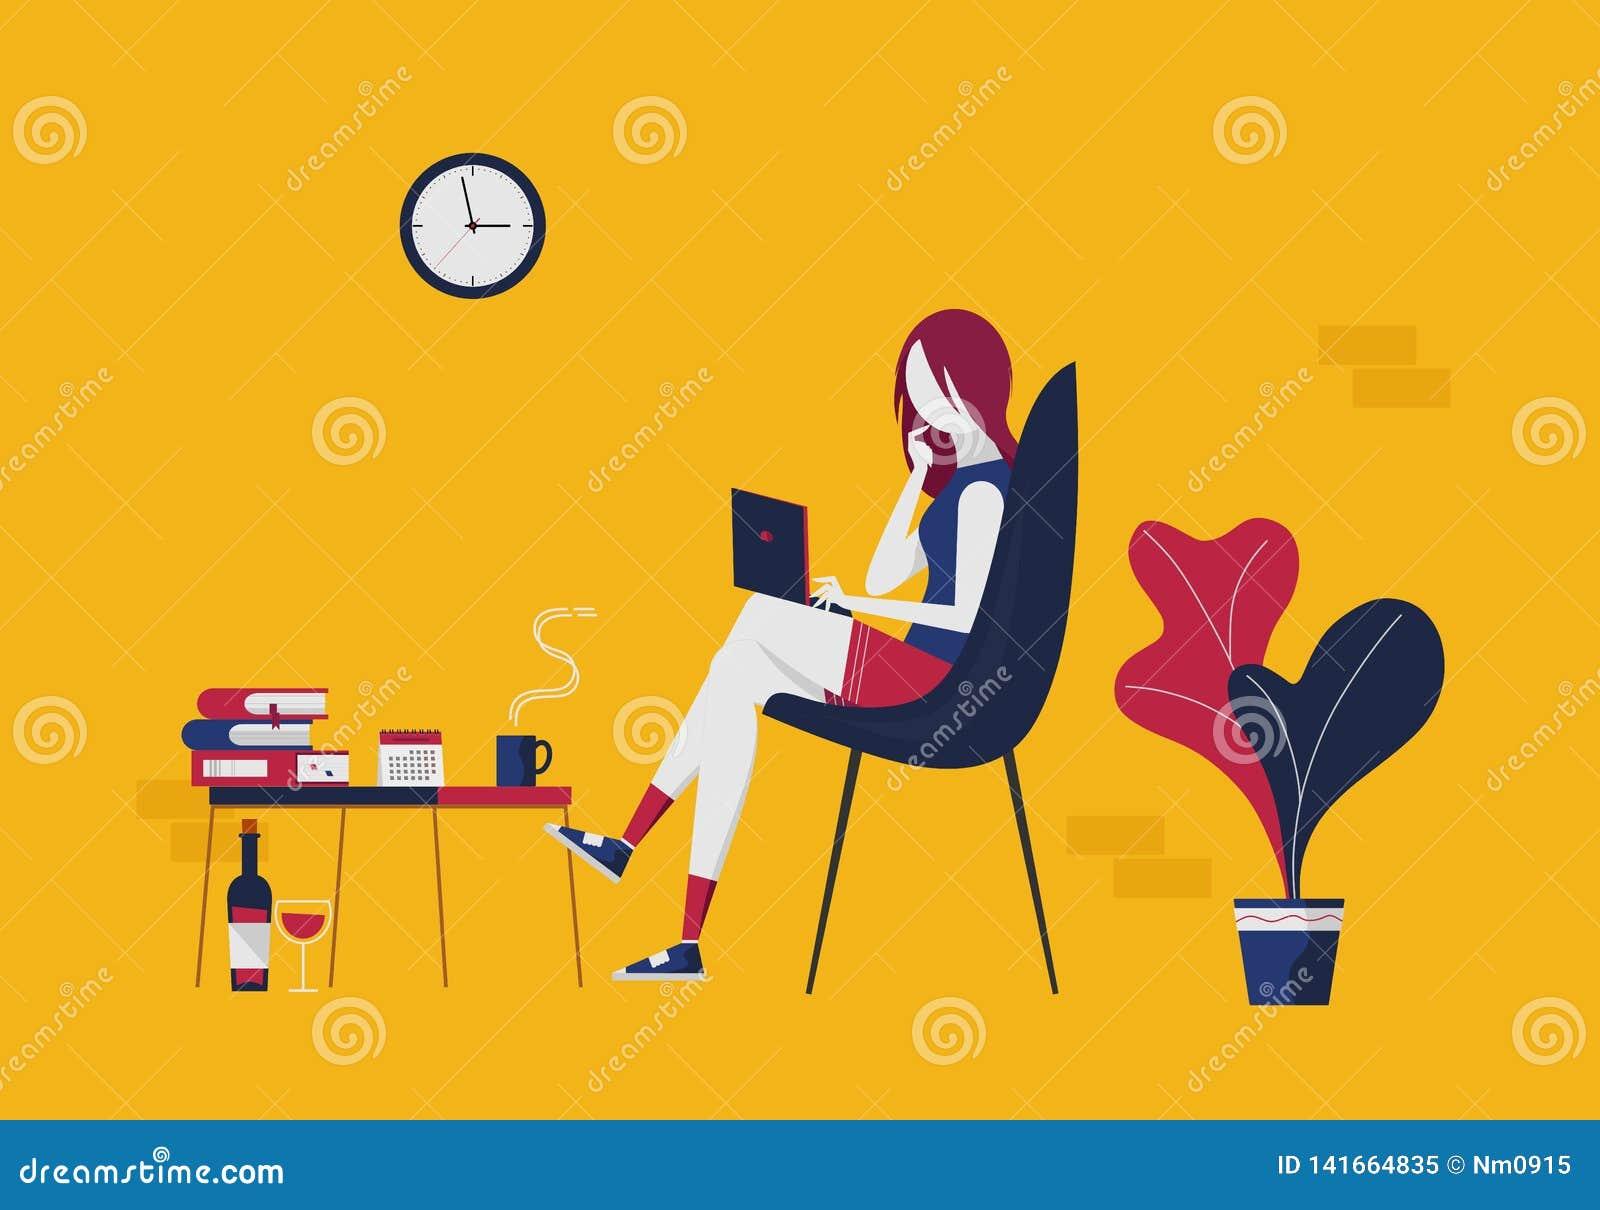 La jeune femme avec un ordinateur portable communique par les réseaux sociaux